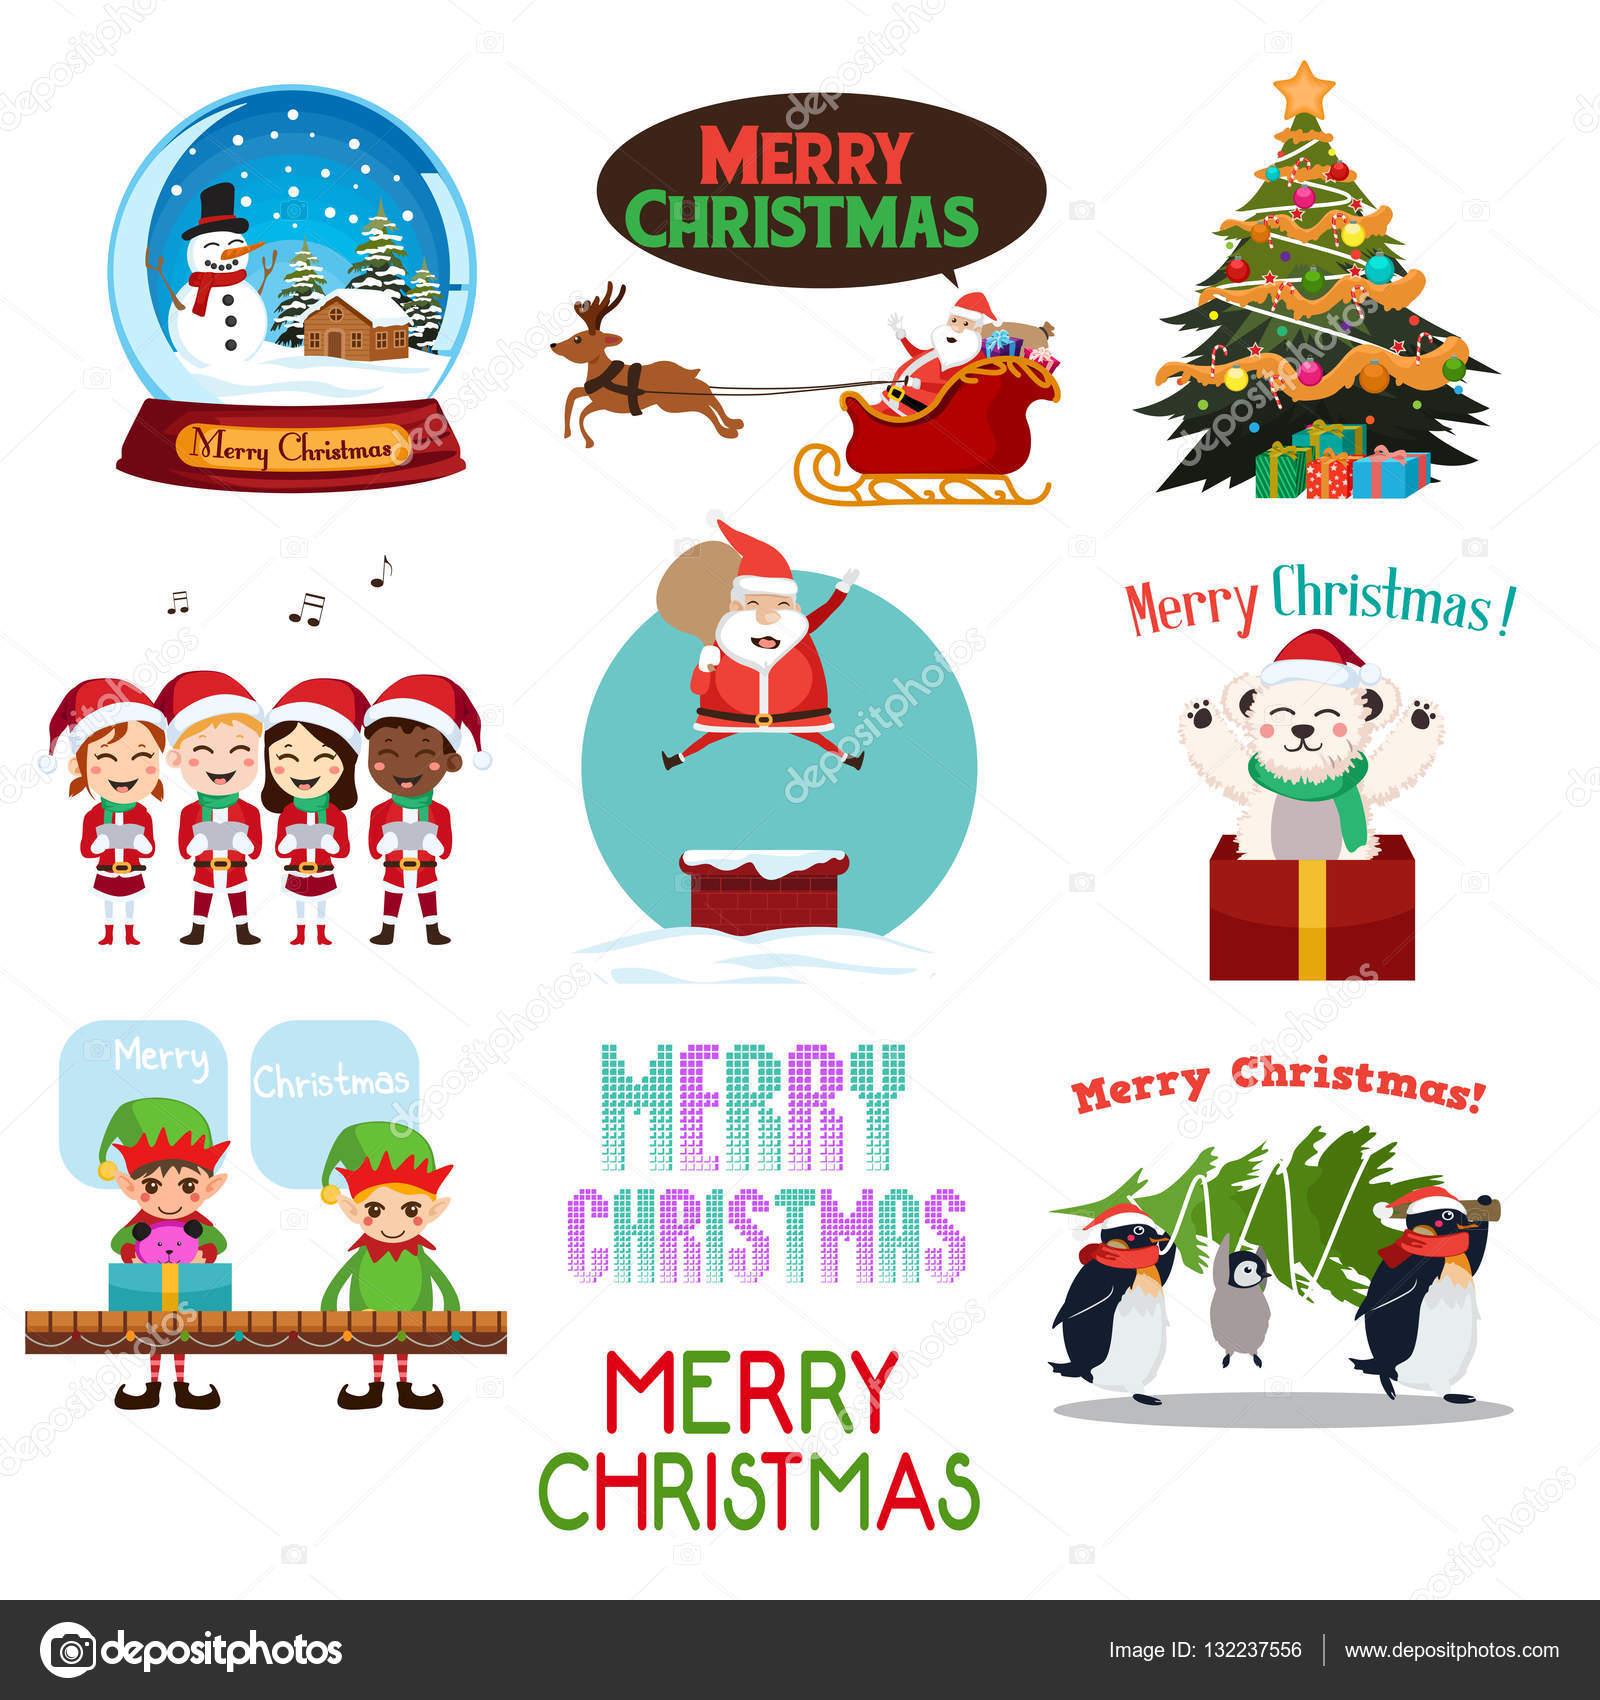 Weihnachts-Icons und Cliparts — Stockvektor © artisticco #132237556